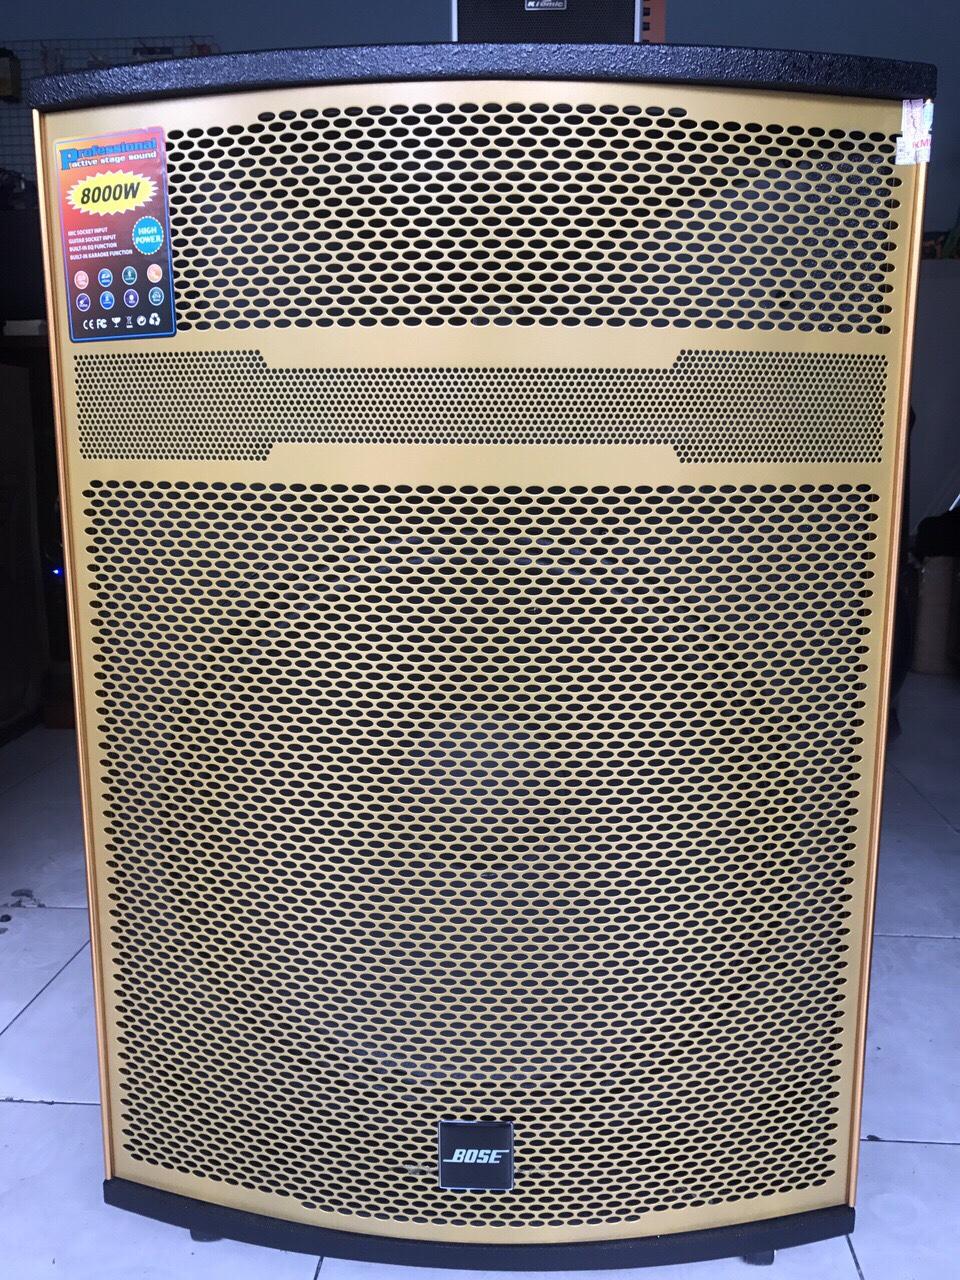 6900k - Loa kéo 6 tấc Bose DK9898FX tặng 2 mic ko dây cao cấp giá sỉ và lẻ rẻ nhất